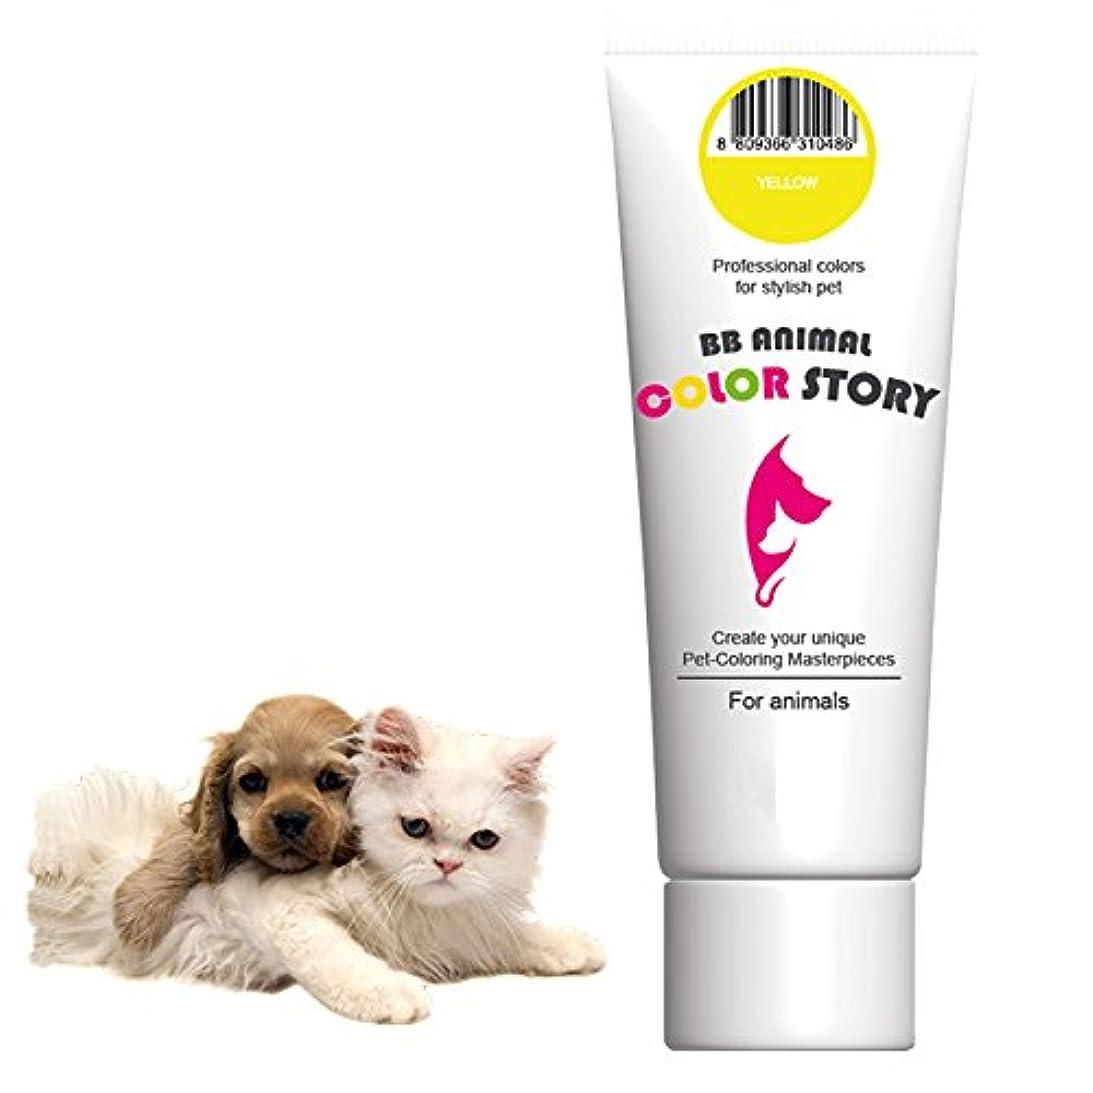 ゼロレギュラーインテリア毛染め, 犬ヘアダイ Yellow カラーリング Dog Hair Hair Bleach Dye Hair Coloring Professional Colors for Stylish Pet 50ml 並行輸入